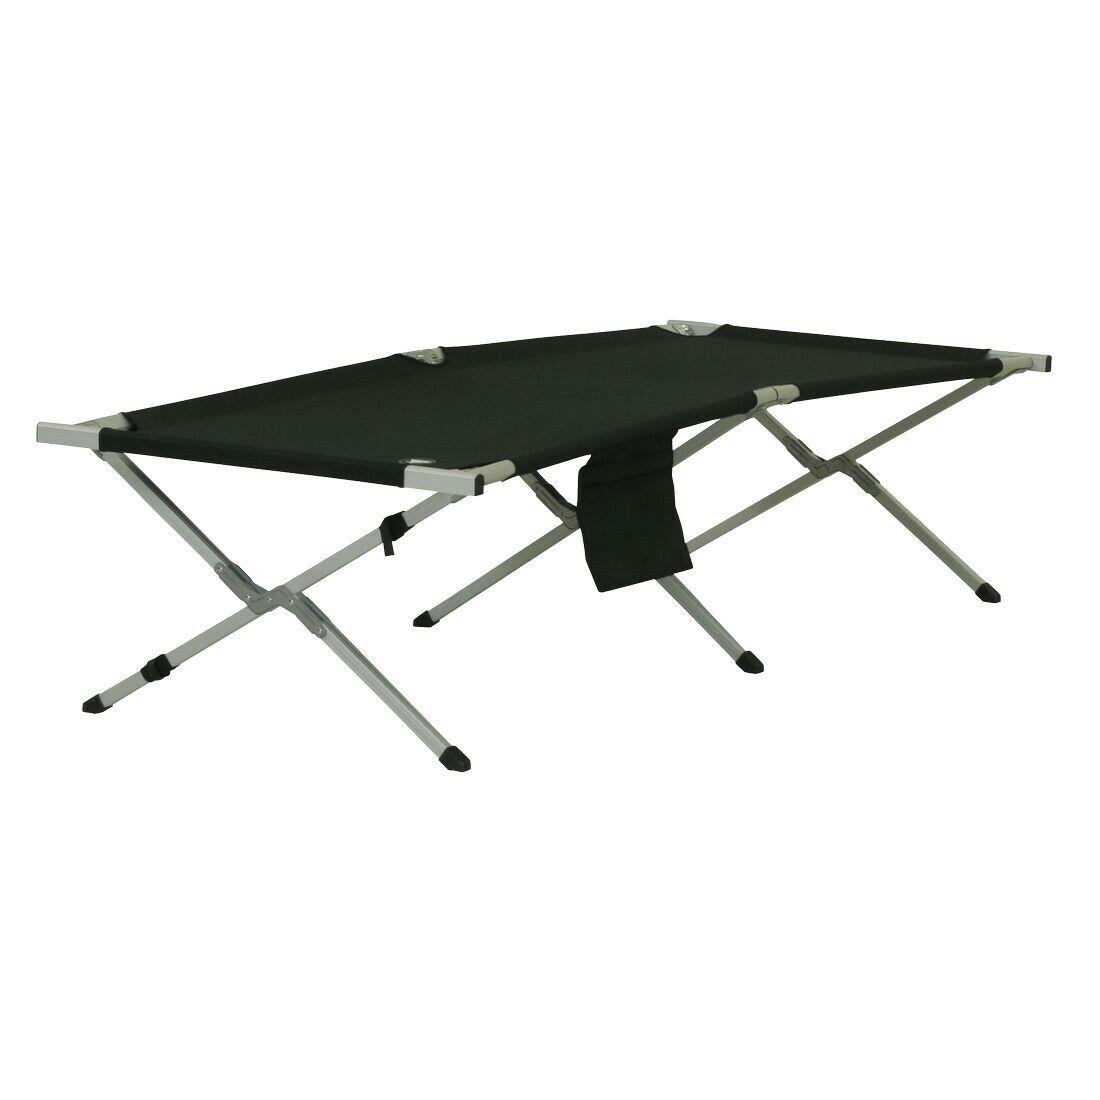 CB 190 XL cama de campamento sin travesaños ligero, cómodo, estable y resistente